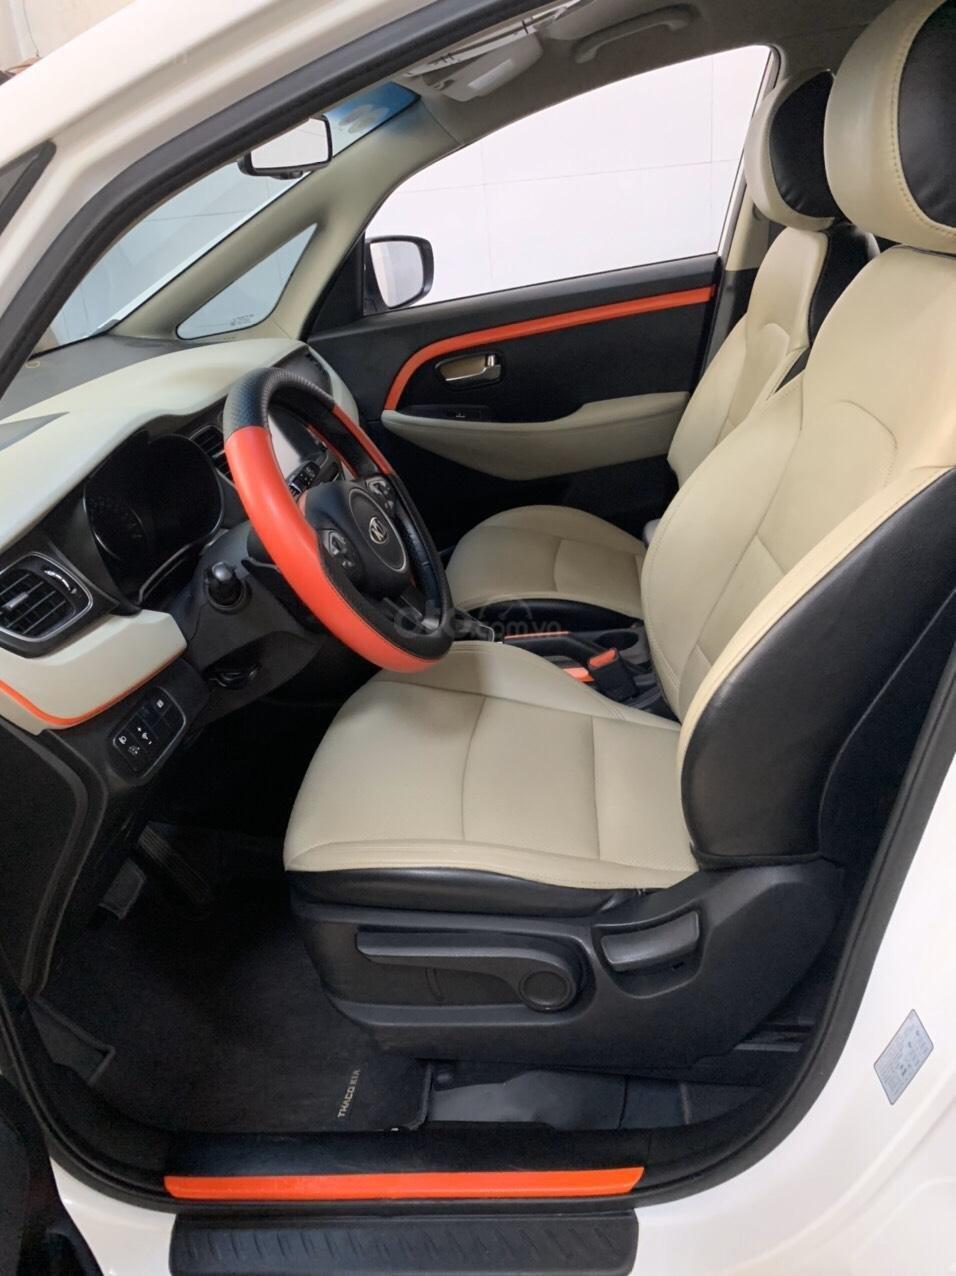 Cần bán gấp Kia Rondo 2016 đăng ký 2017, xe tuyệt đẹp (6)